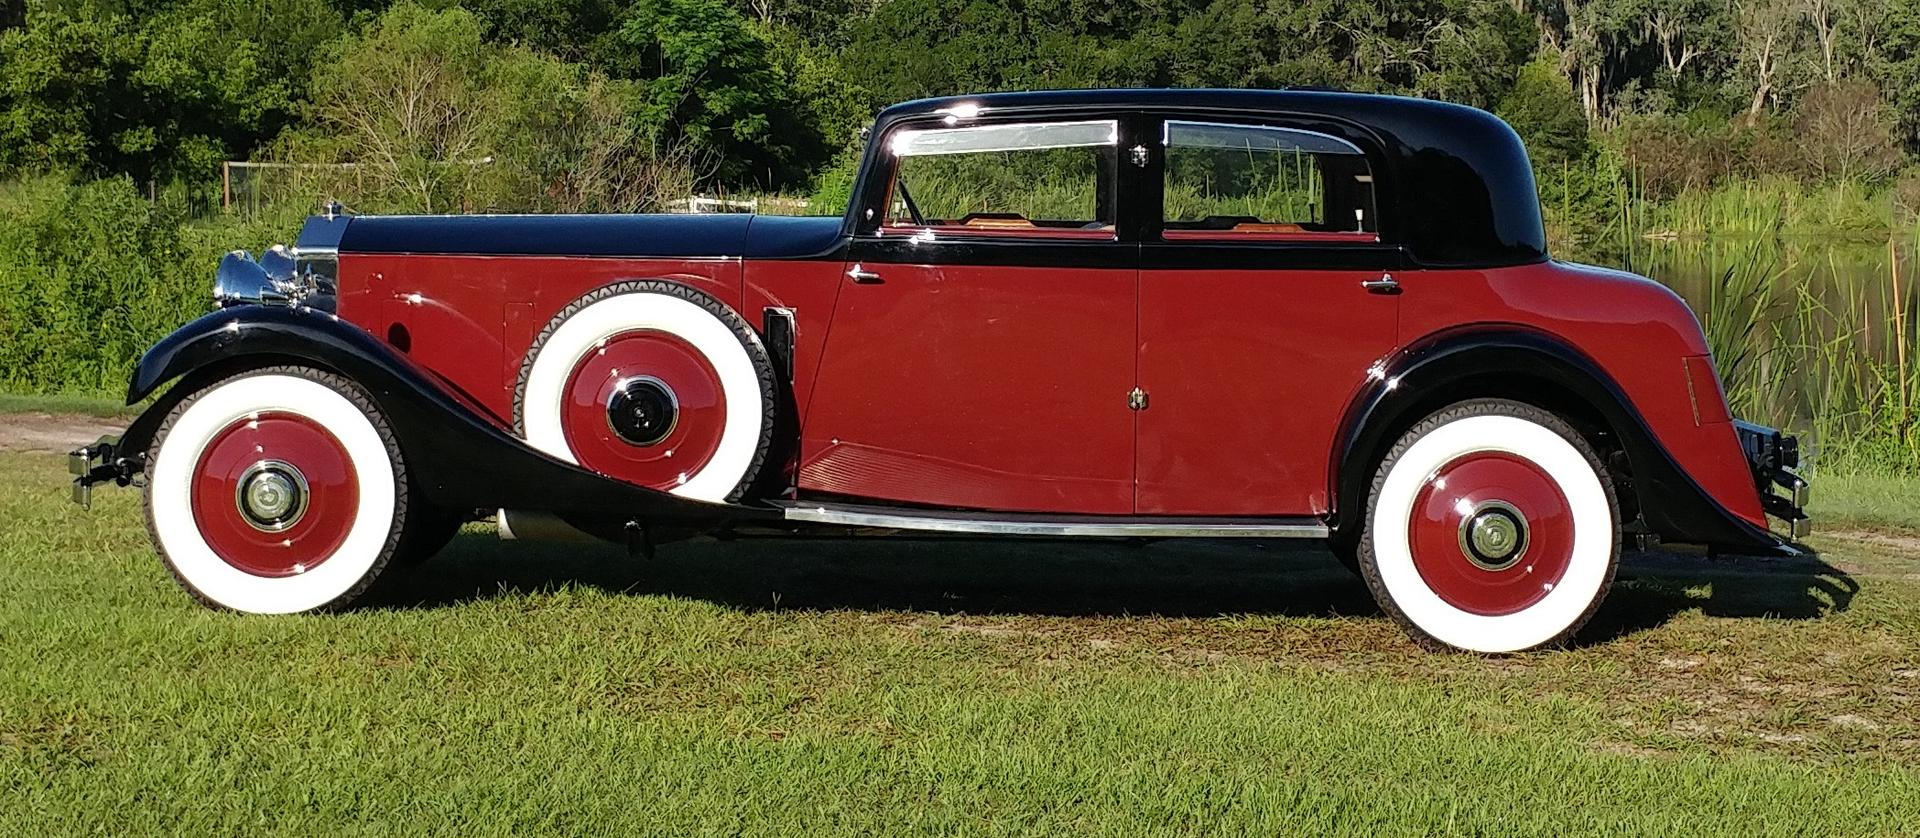 Classic Cars Restorations - Brando Pistorius - Tampa, Fl